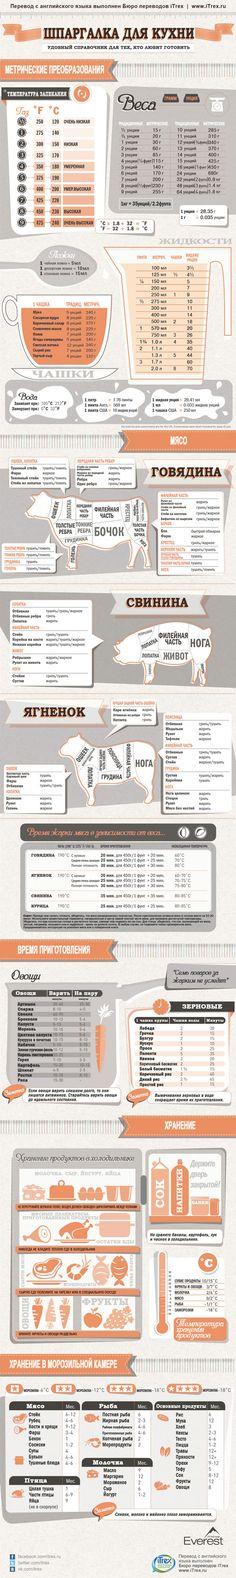 Незаменимая инфографика для любителей готовить. Здесь вы найдете полезную информацию о том сколько нужно жарить мясо в зависимости от его веса, или сколько по времени готовить различные виды овощей, сколько миллилитров в ложках и многое другое.#инфографика